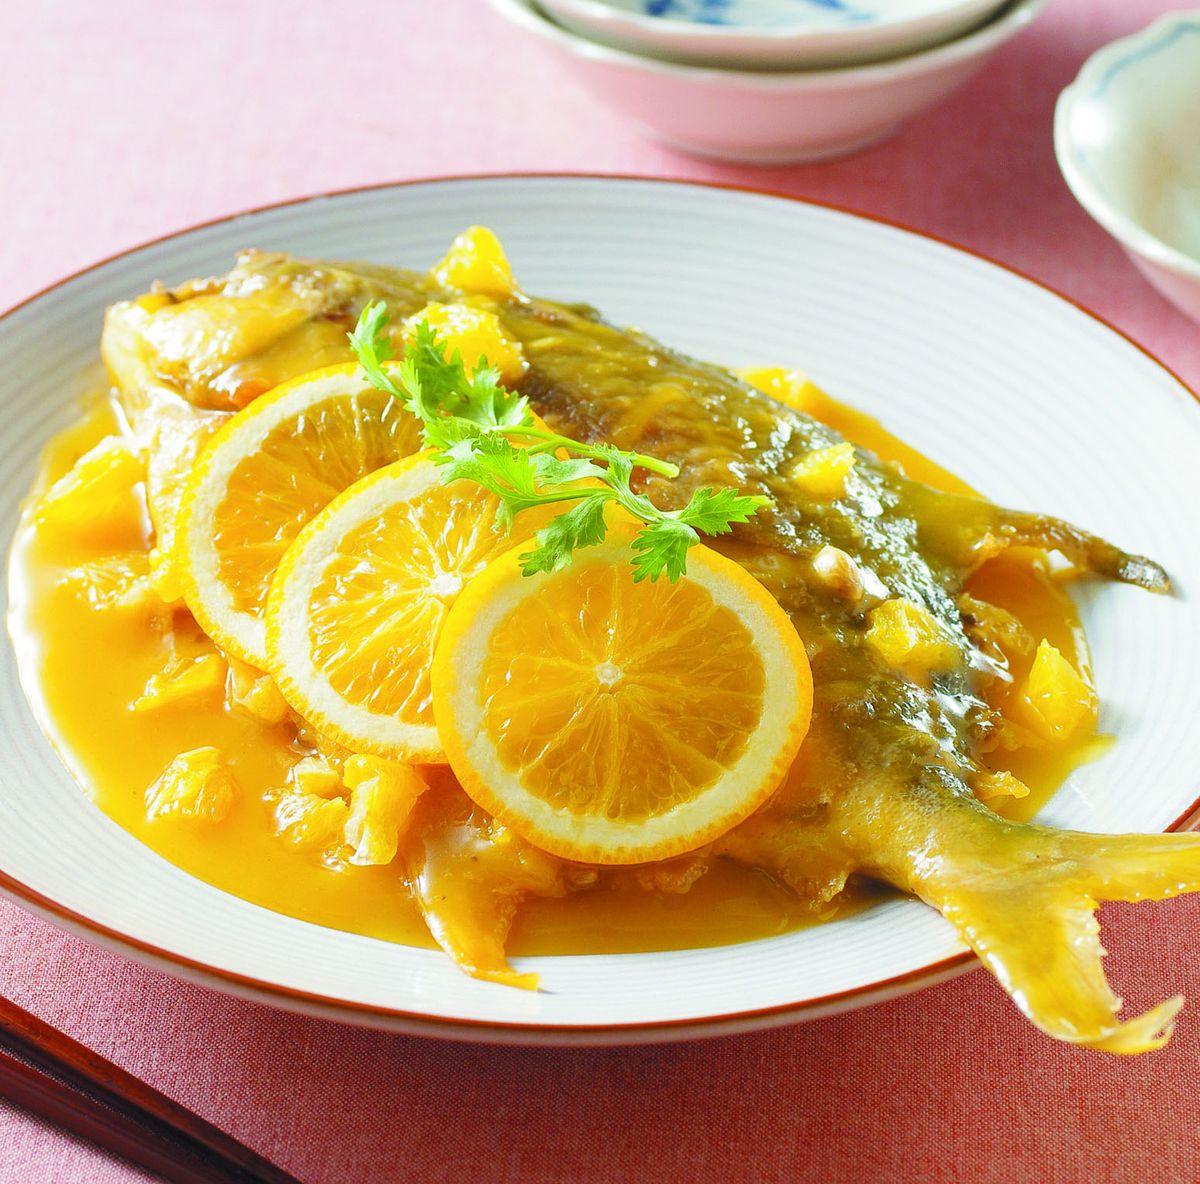 食譜:橙汁鯧魚